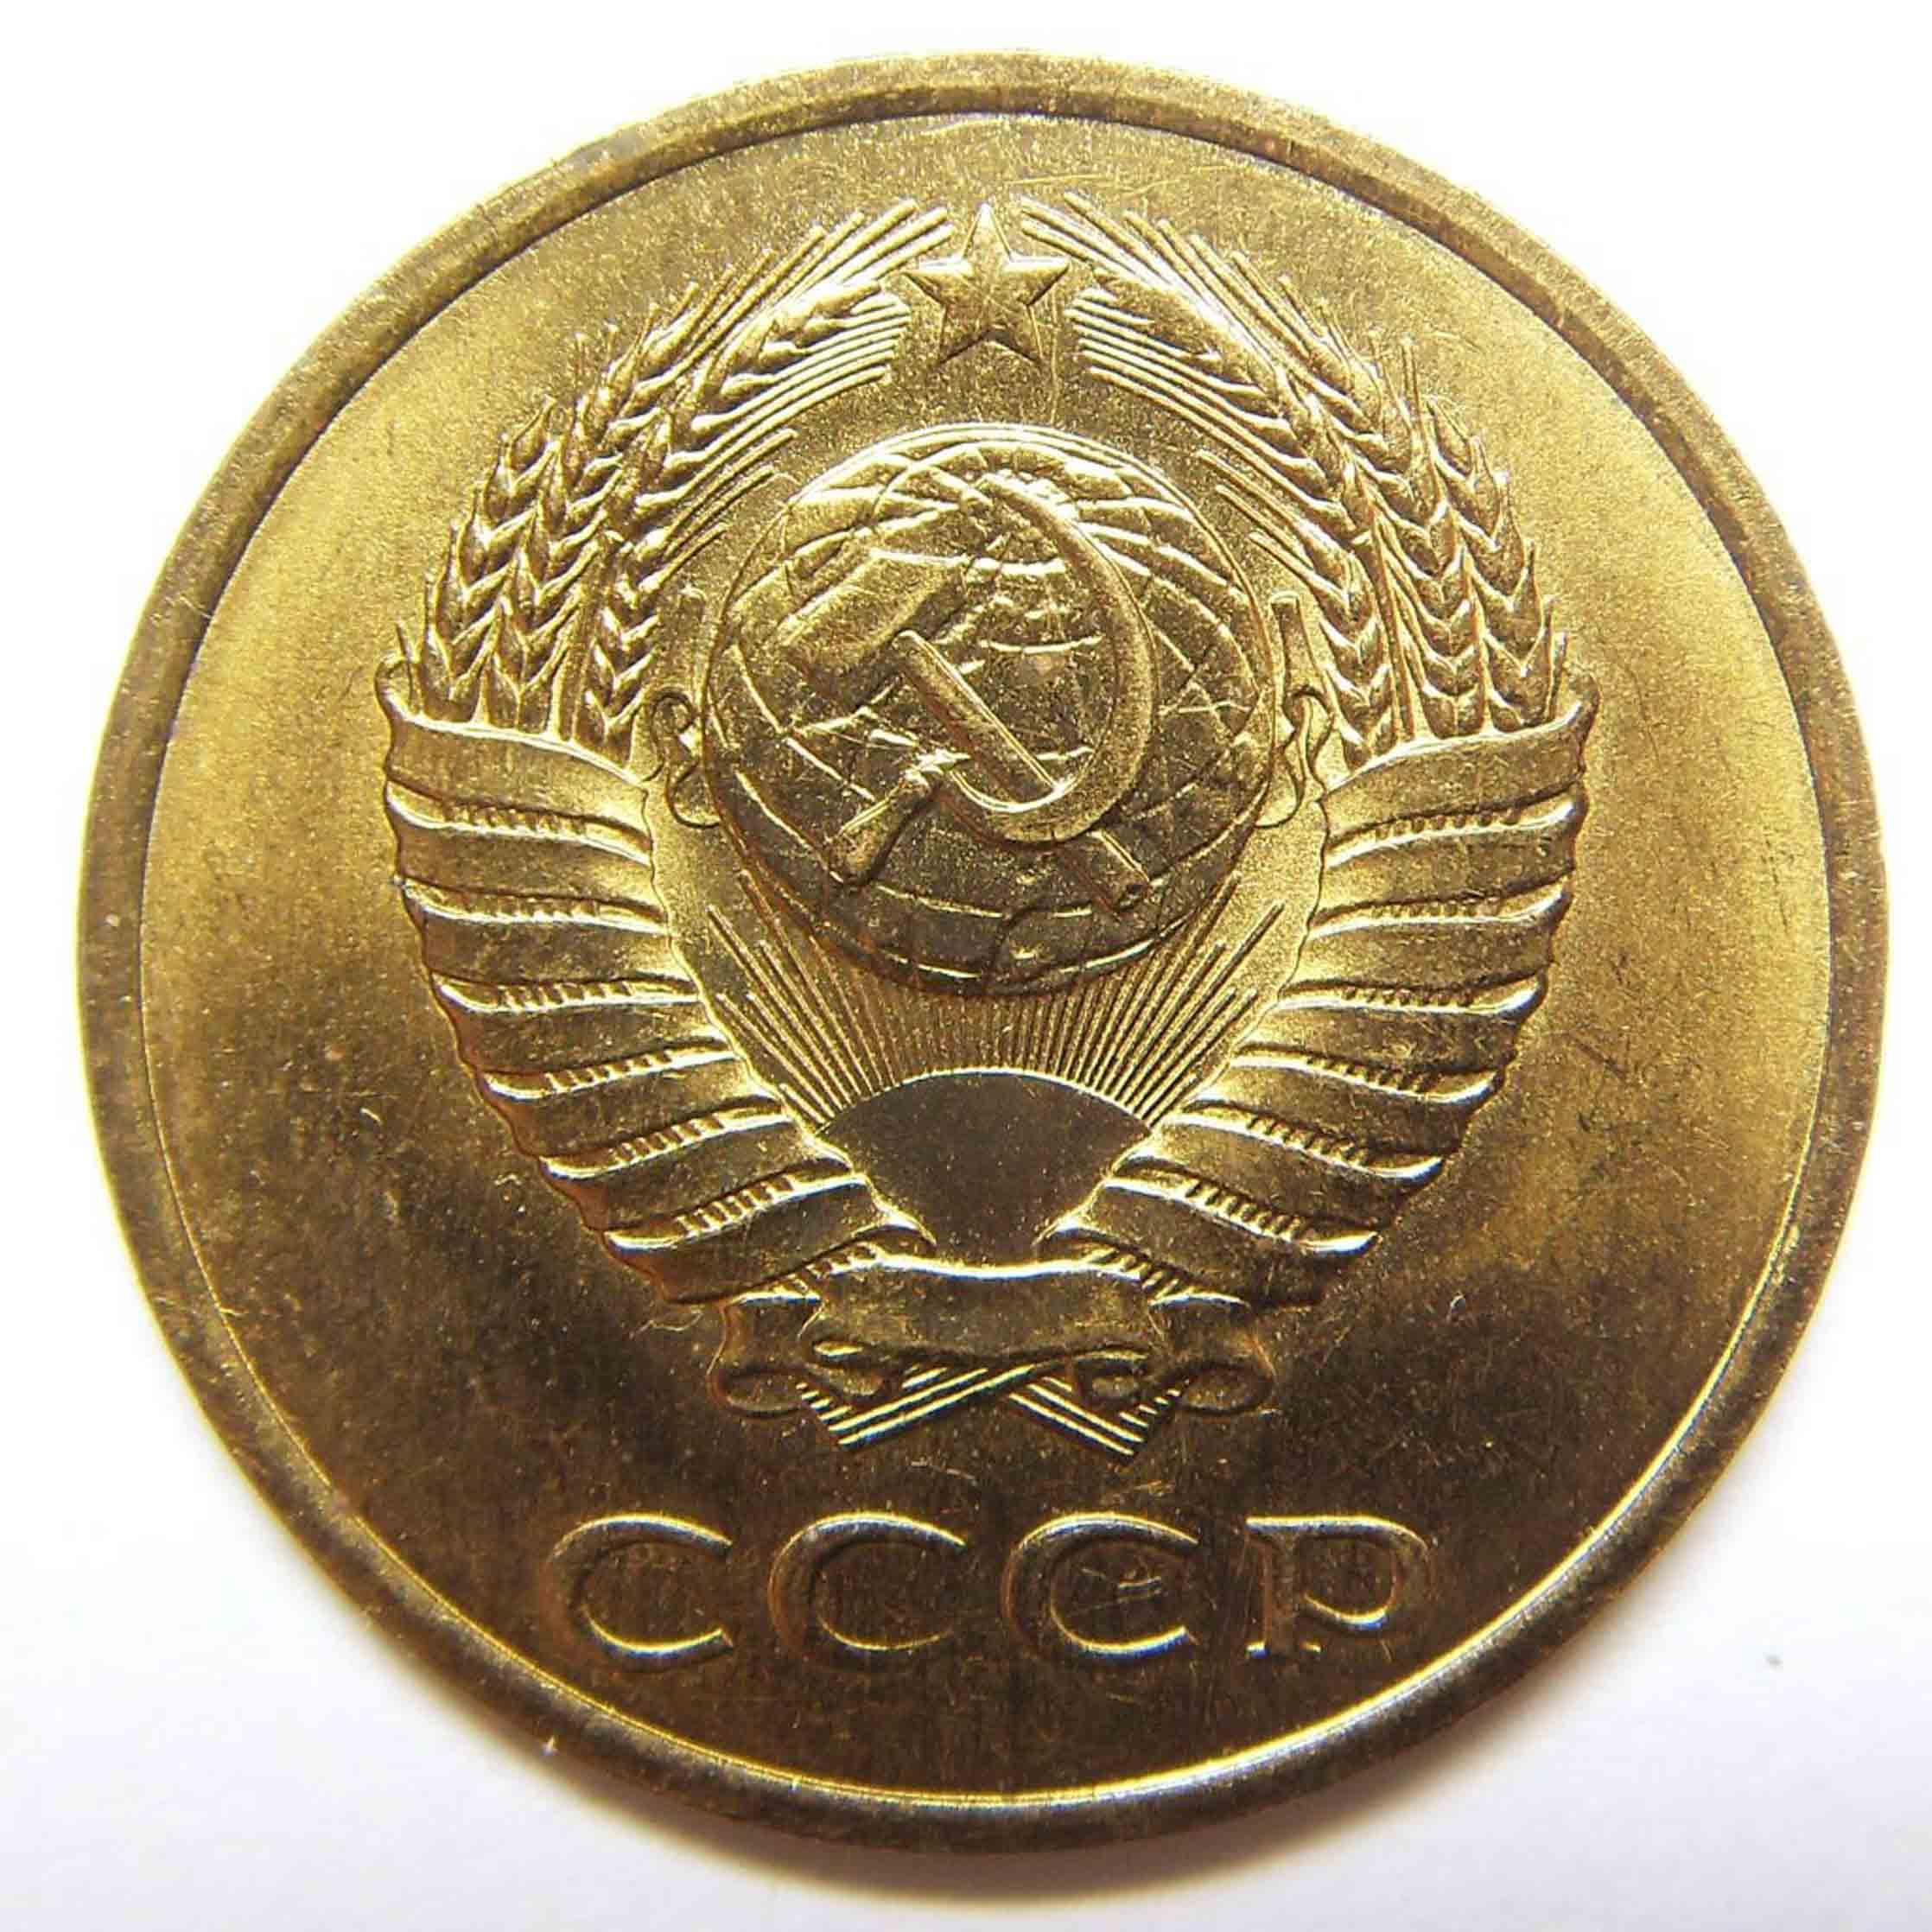 Монета СССР 3 копейки 1977 год фото 2